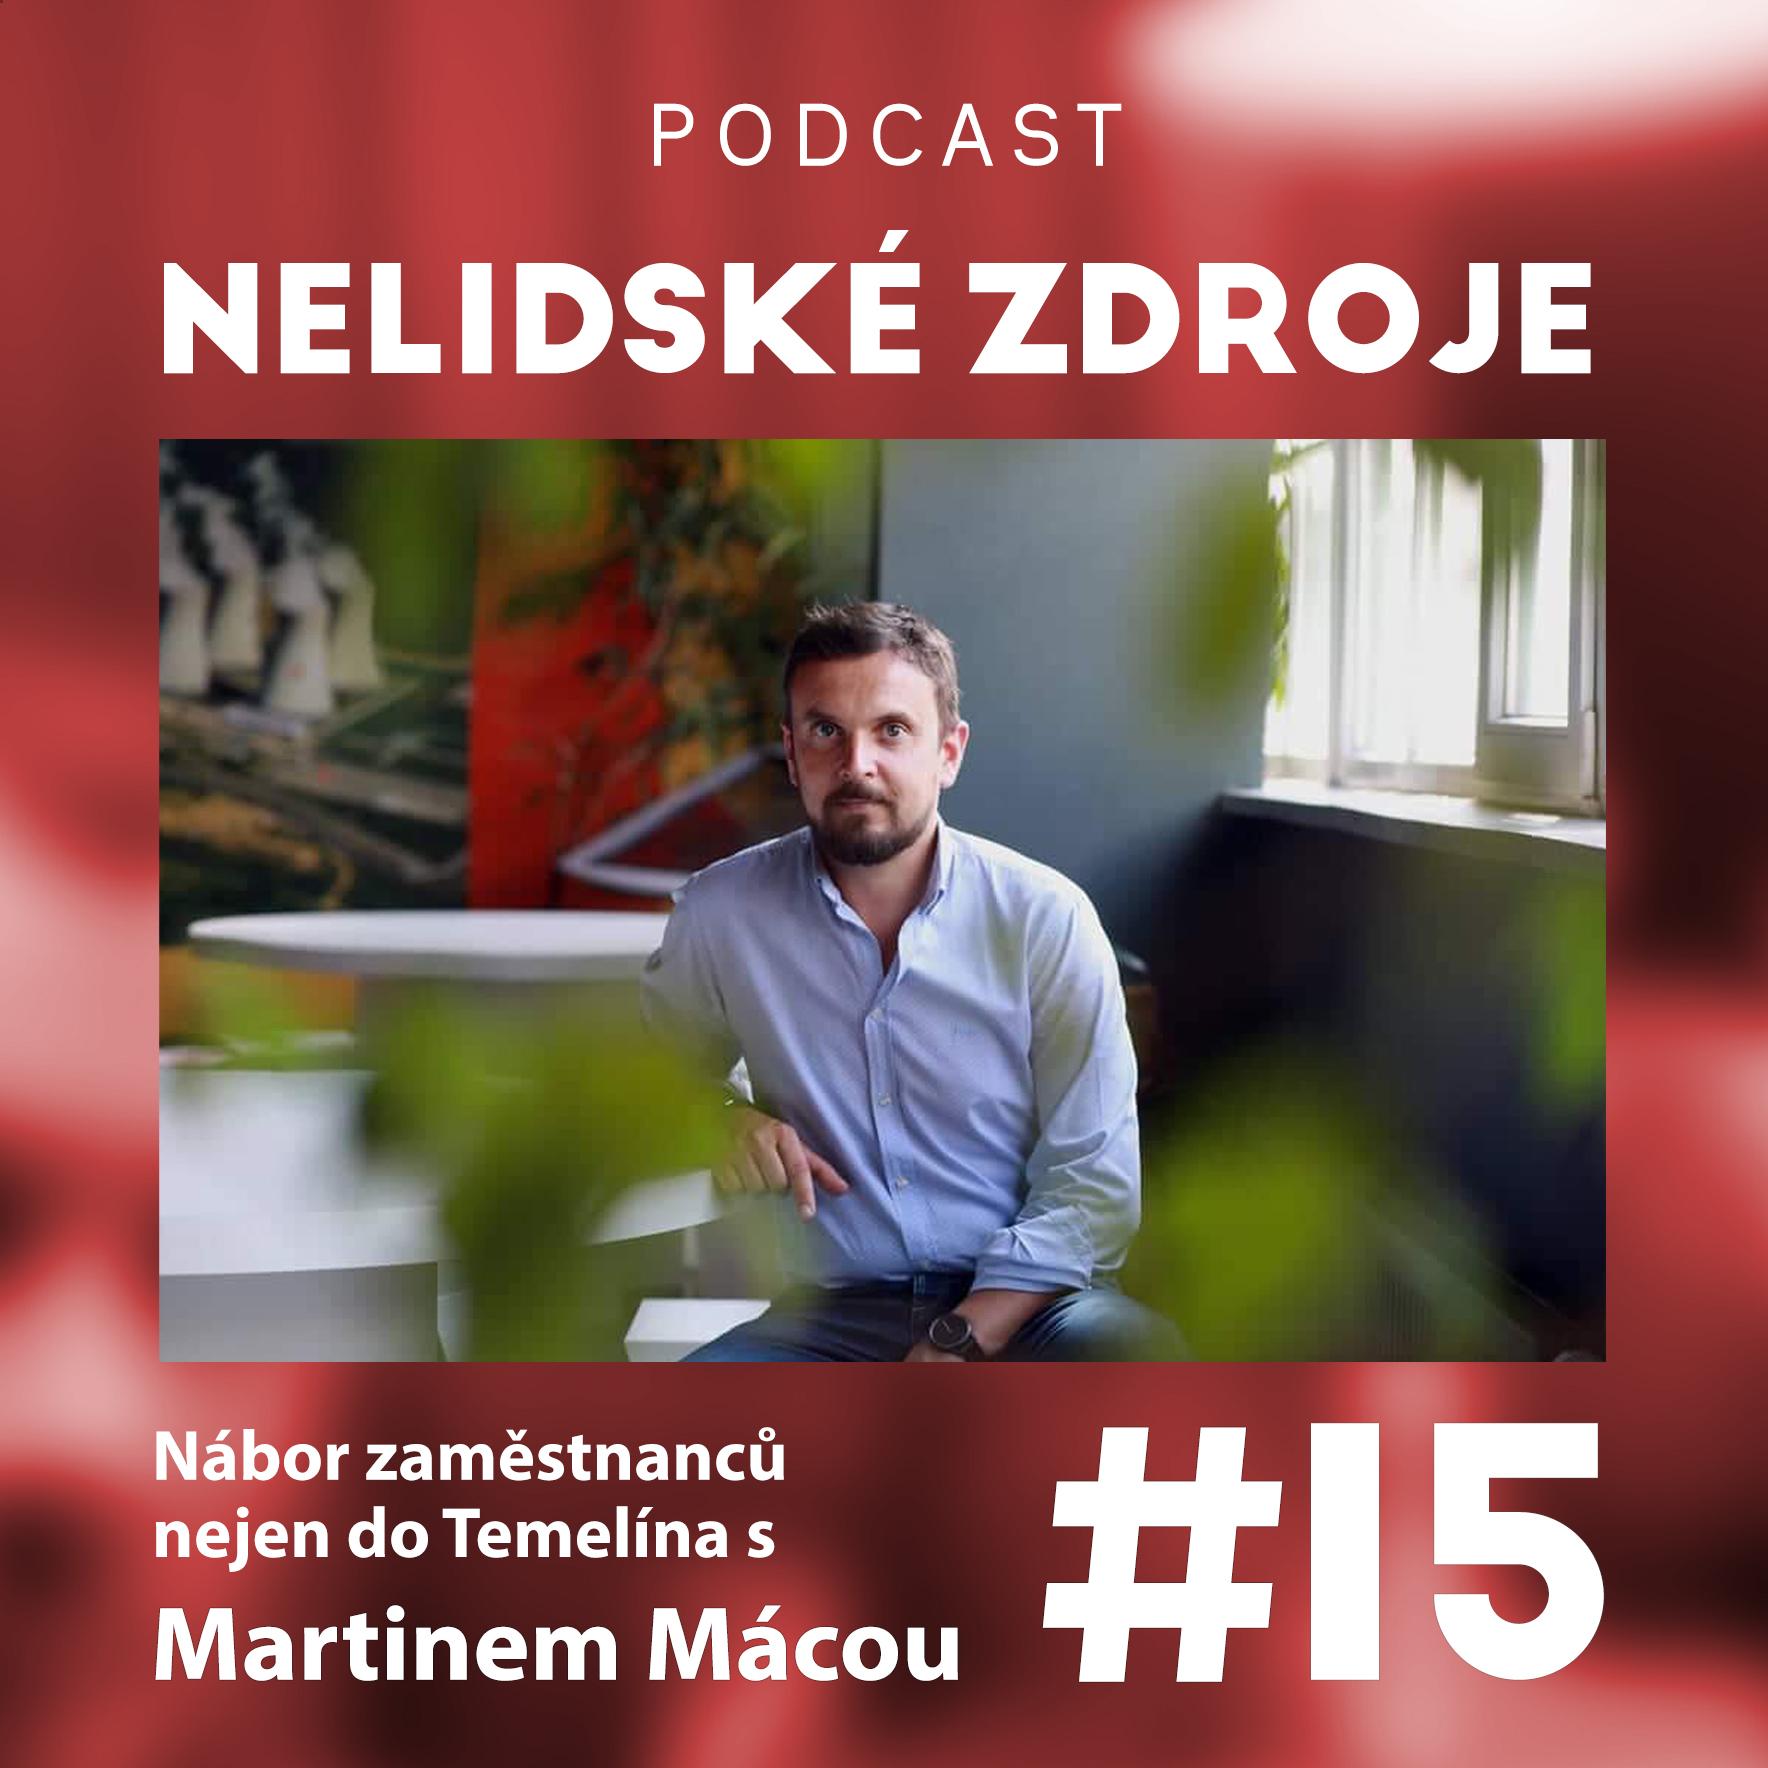 15: Nábor zaměstnanců nejen do Temelína s Martinem Mácou z ČEZ